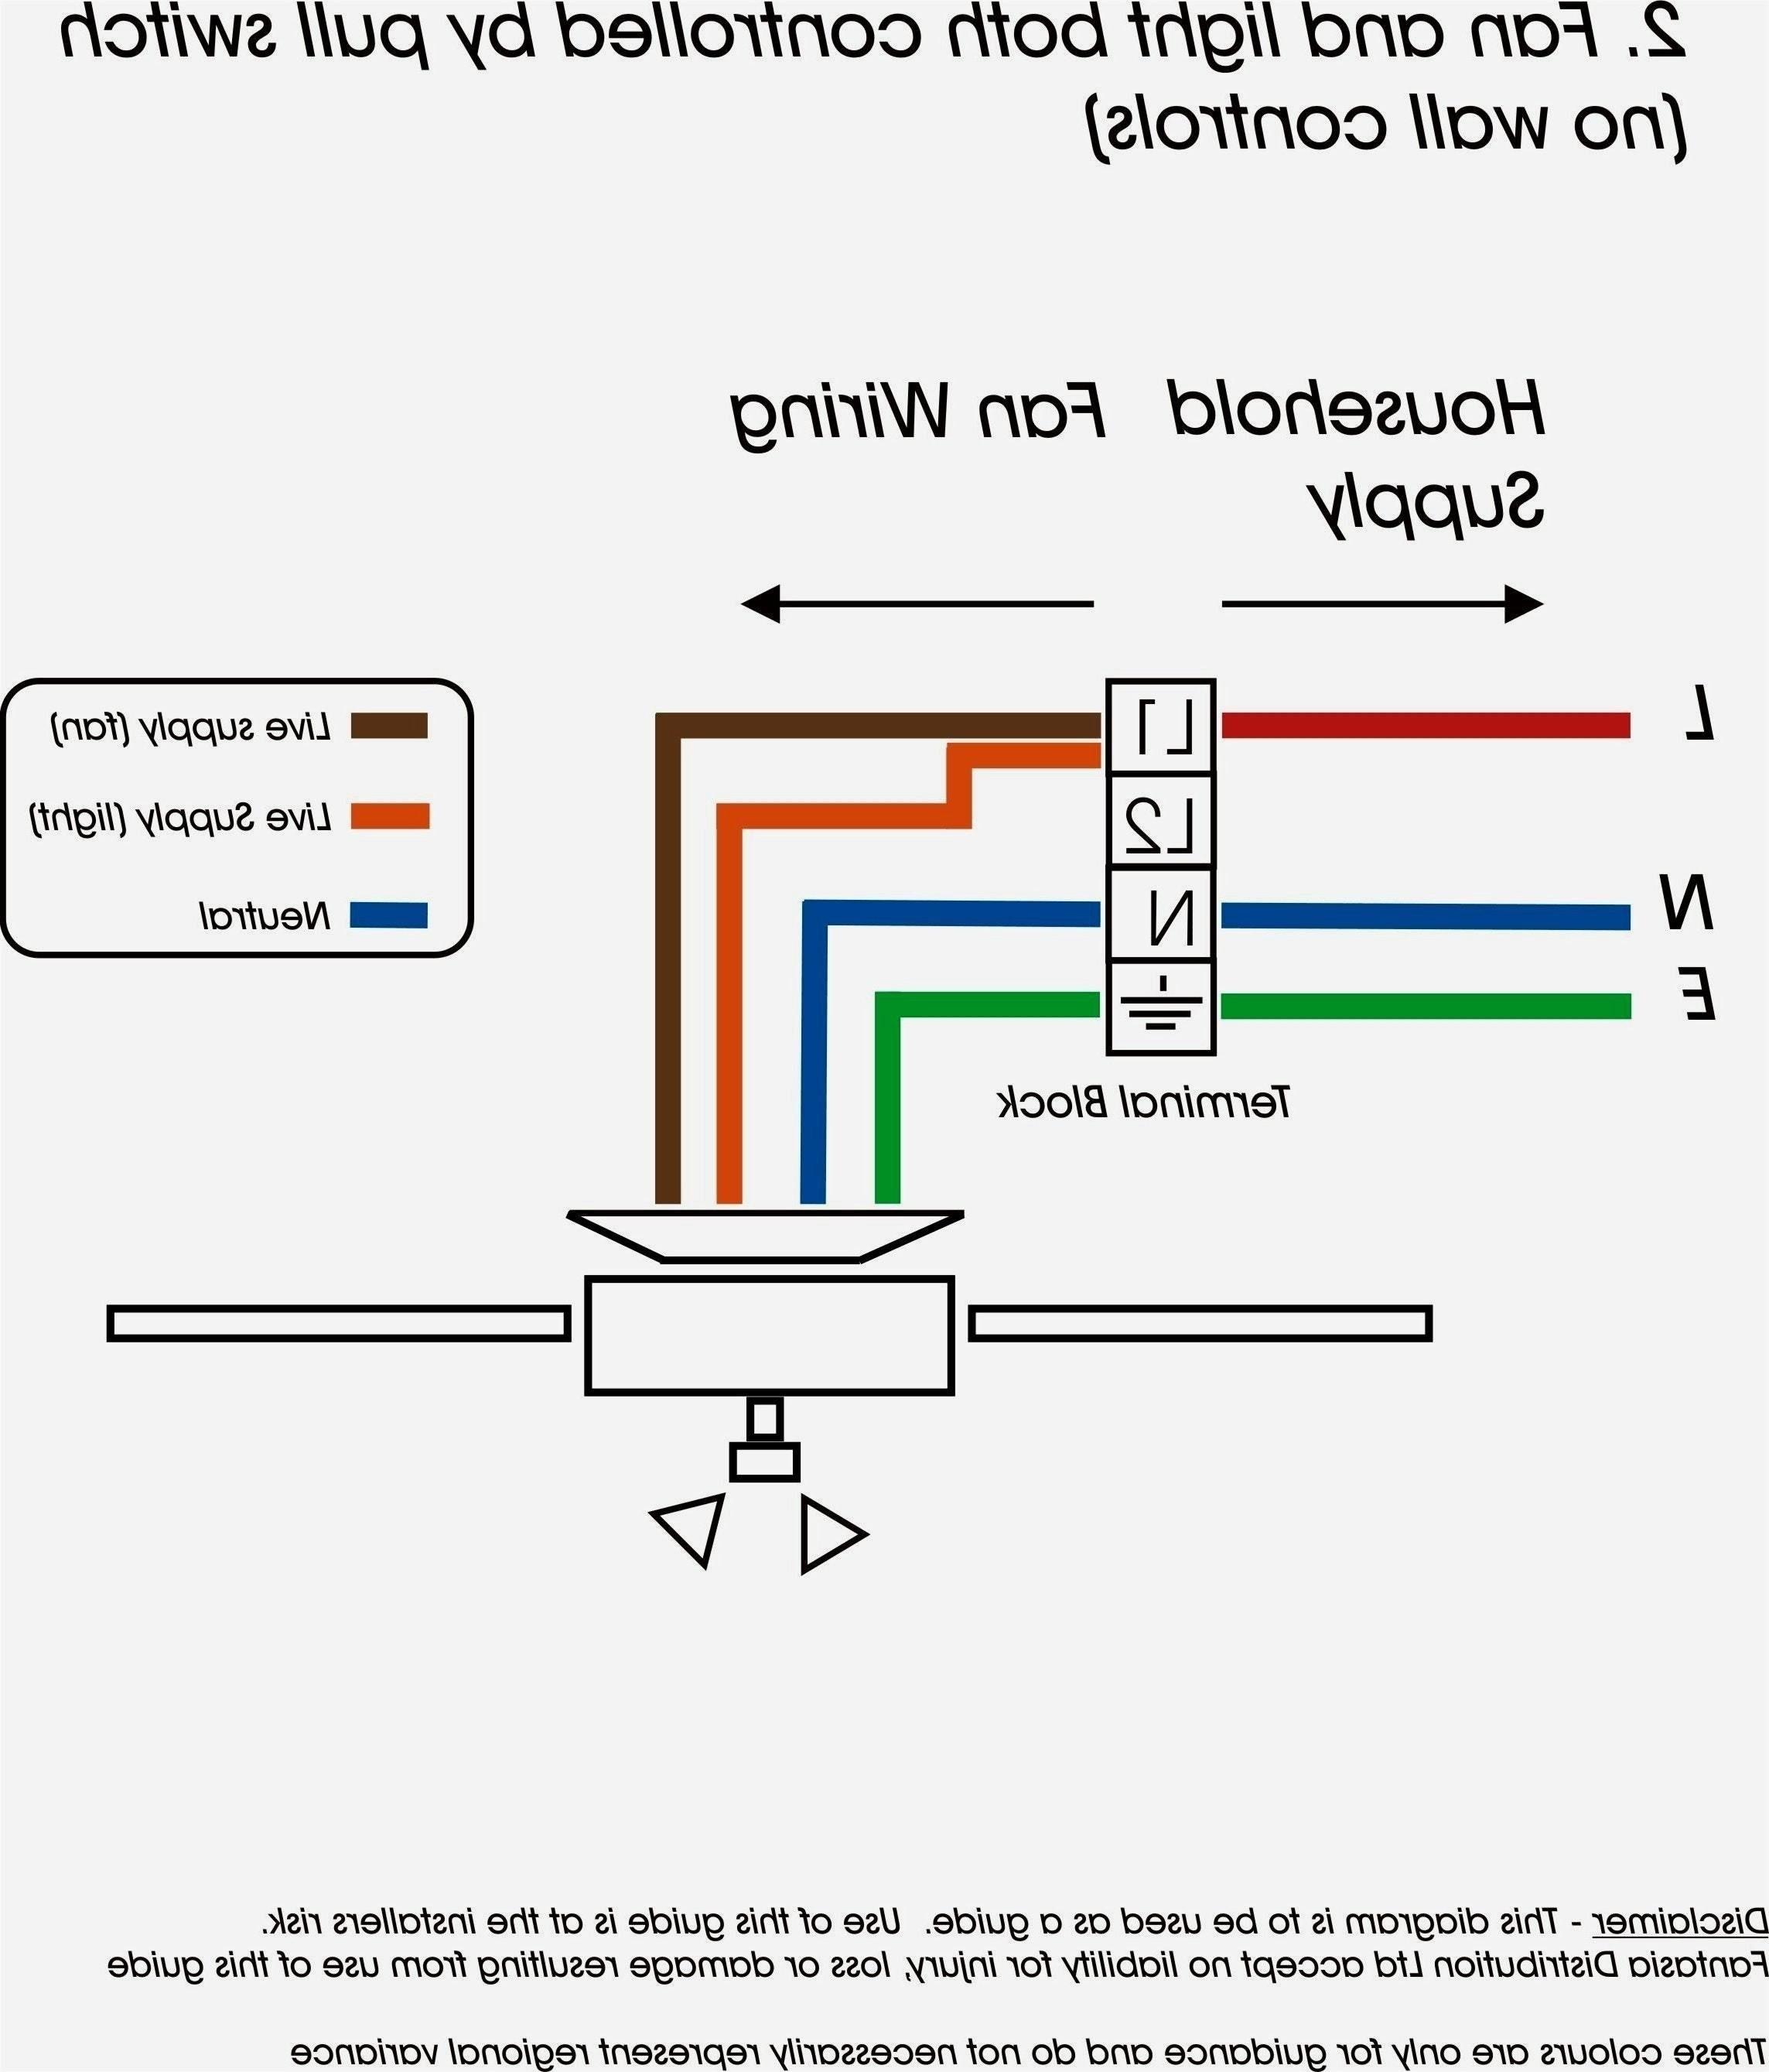 Simple Motorcycle Wiring Diagram Wiring Diagram Xrm 125 Valid Honda Motorcycle Wiring Diagrams Pdf Of Simple Motorcycle Wiring Diagram